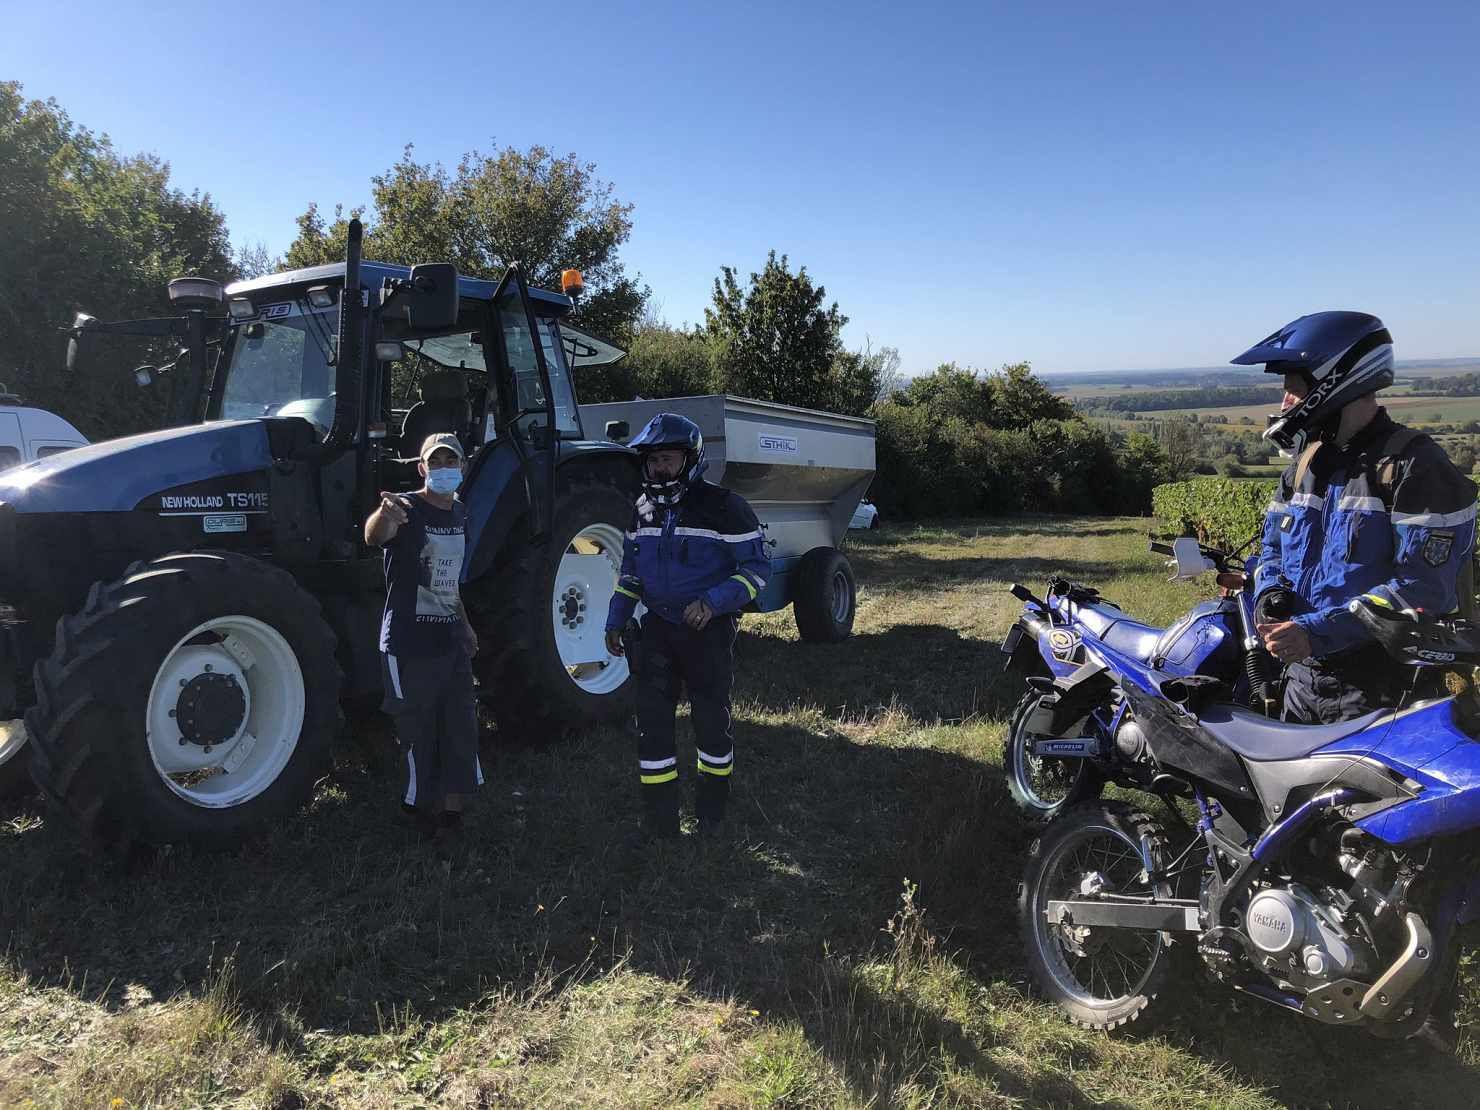 Cellule de renseignement Demeter : quand la gendarmerie se met au service de l'agro-industrie